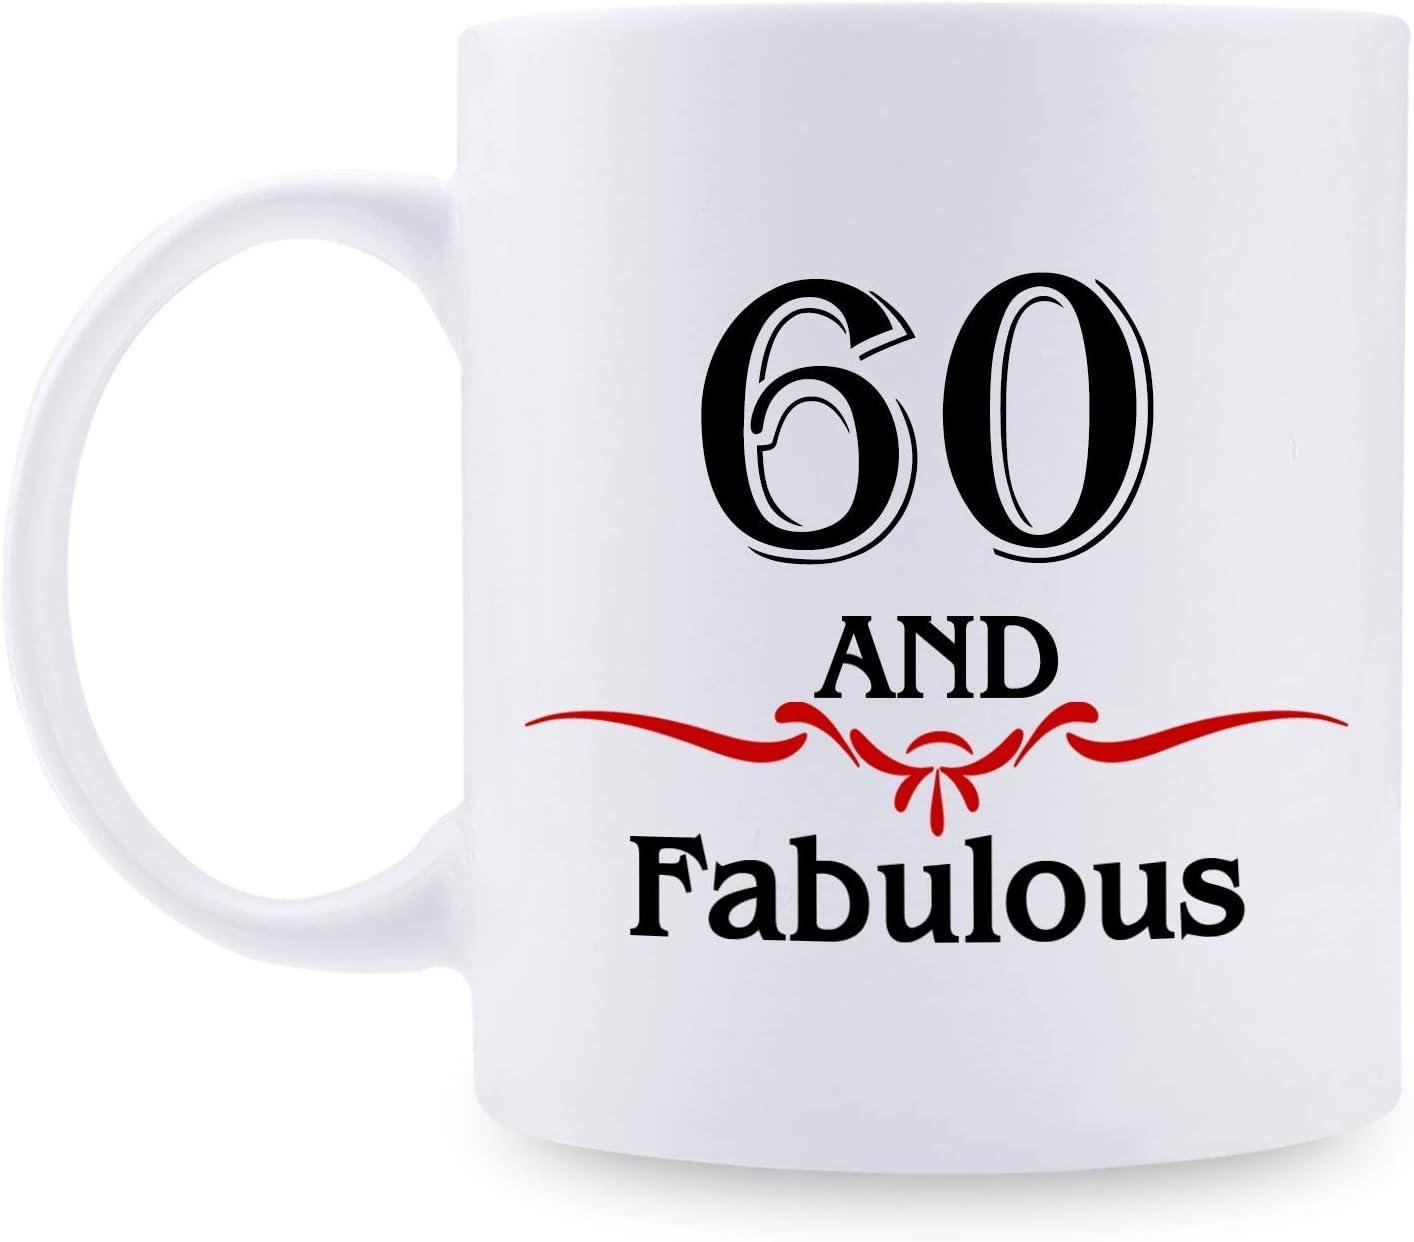 60th Birthday Gifts for Women - 1960 Birthday Gifts for Women, 60 Years Old Birthday Gifts Taza de café para mamá, esposa, amiga, hermana, ella, colega, compañera de trabajo, 60 años y fabuloso